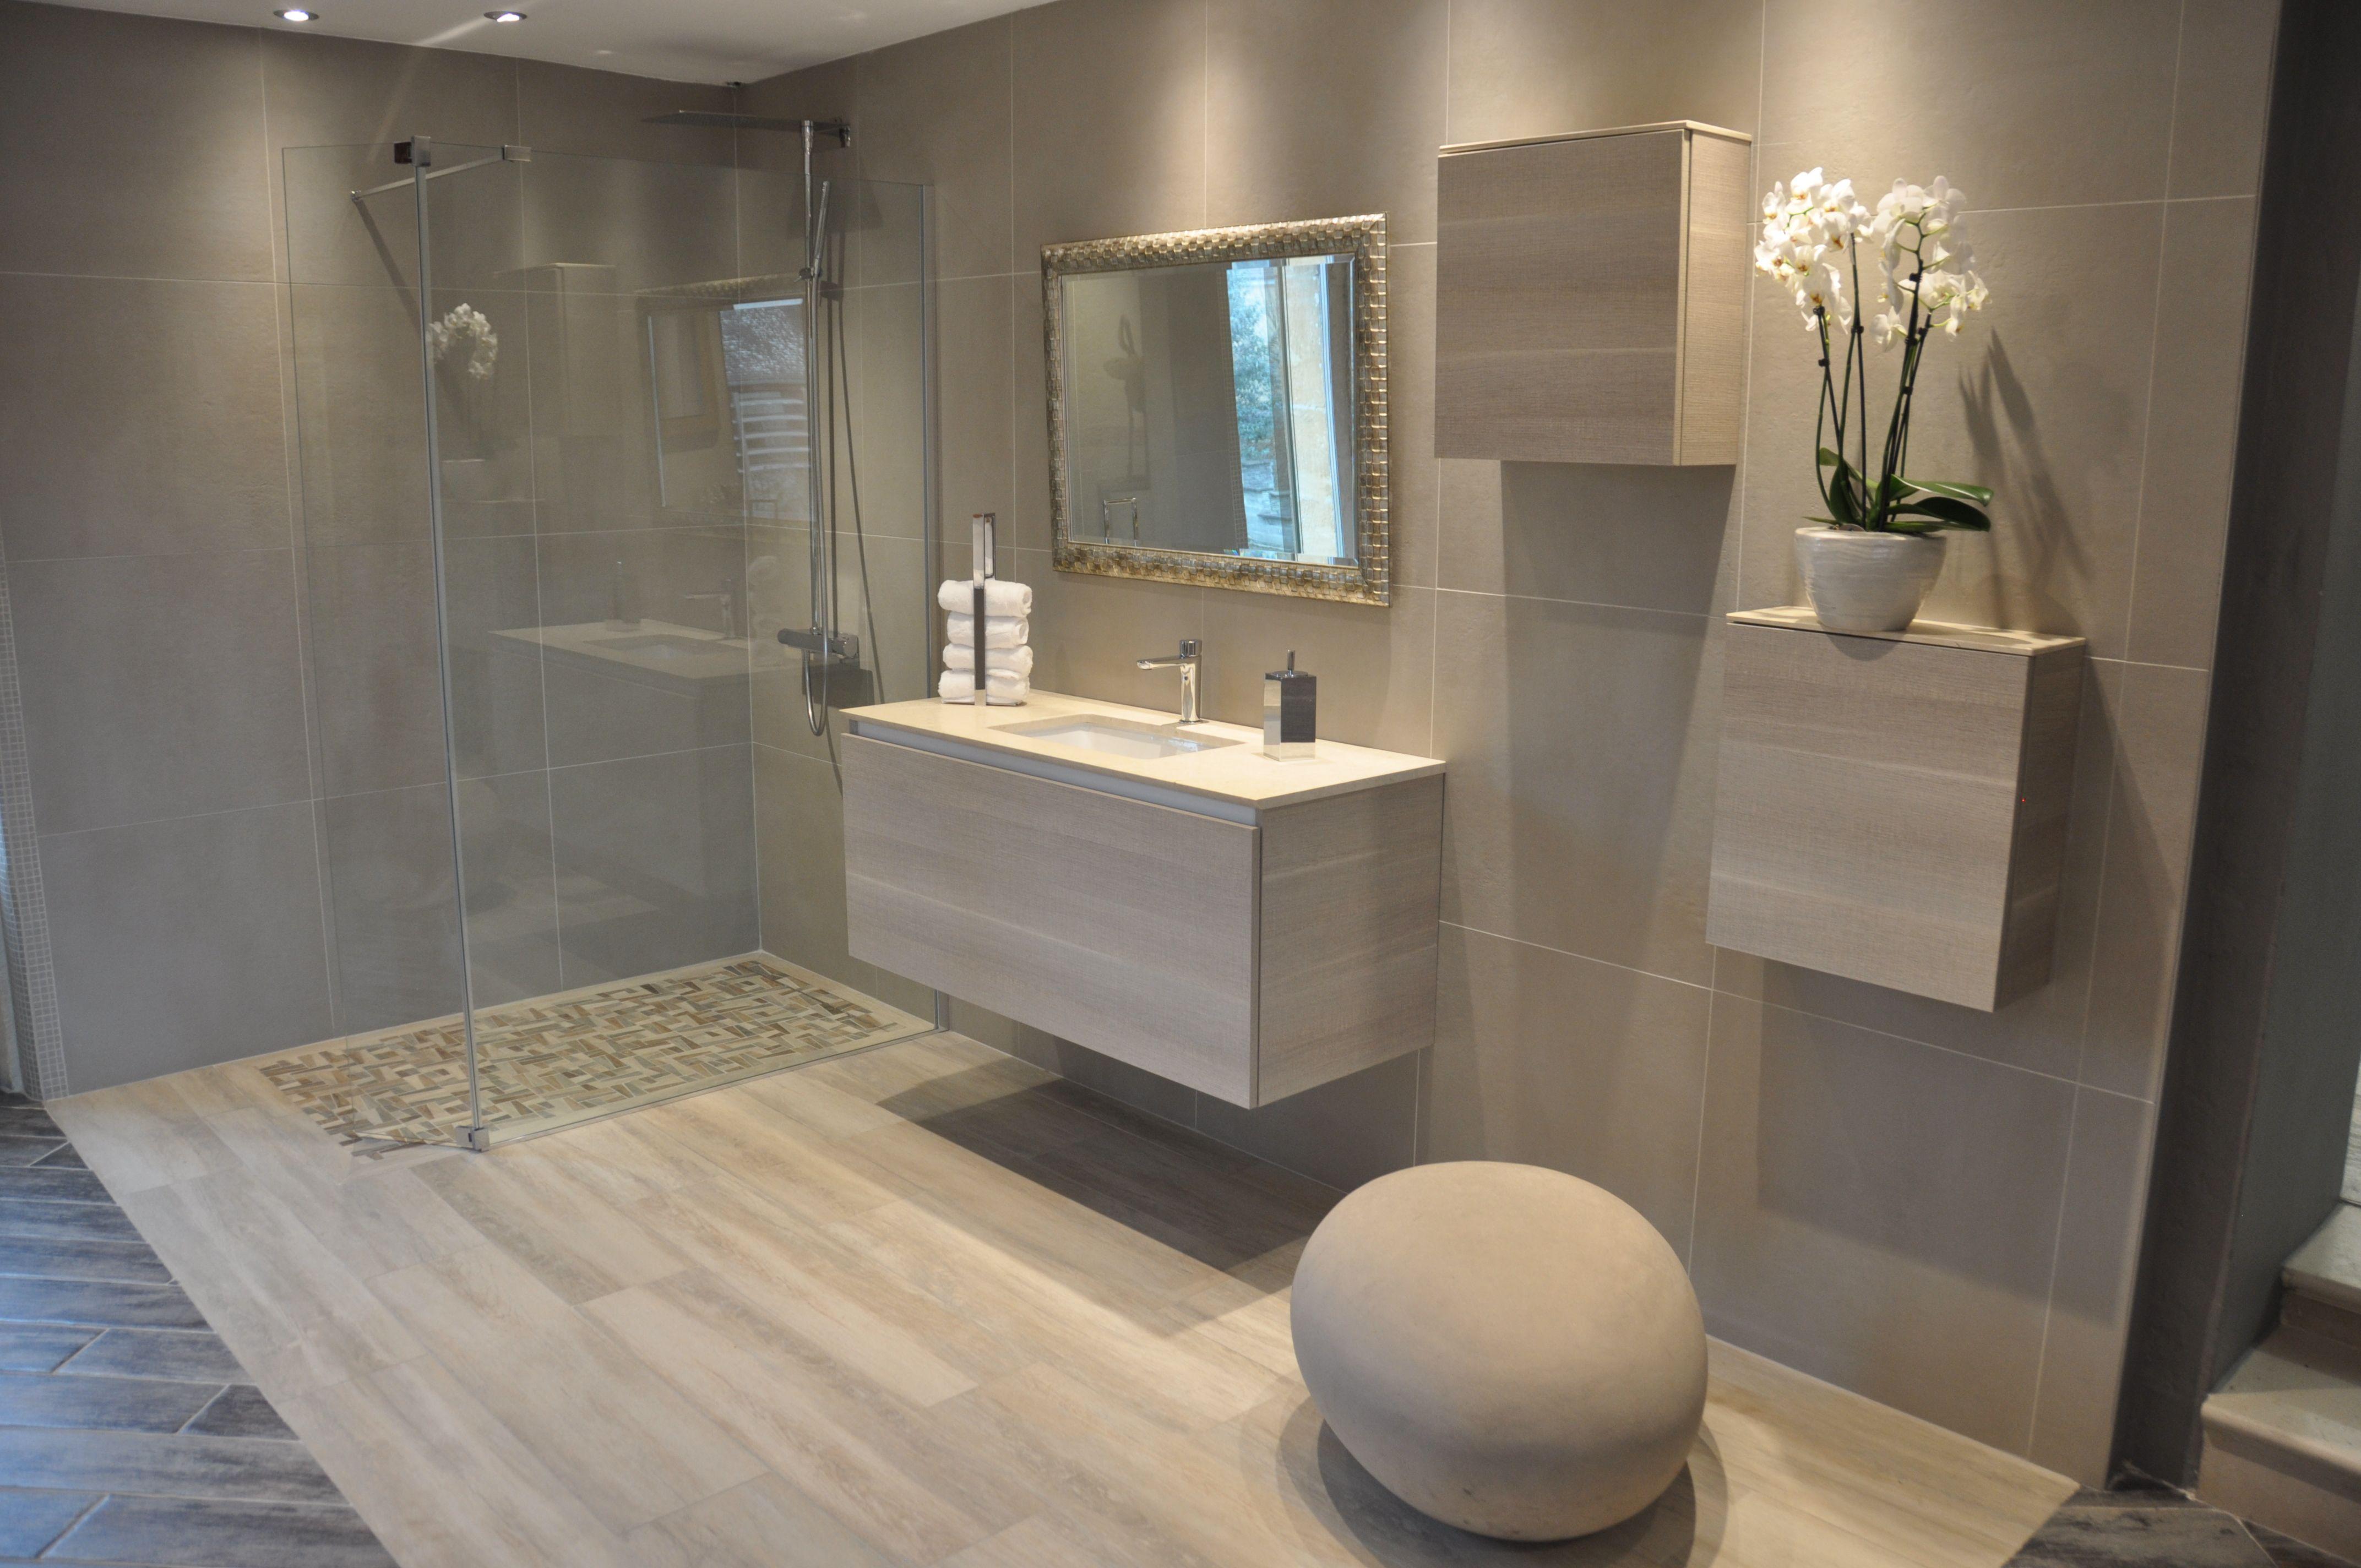 salle de bain avec douche italienne et baignoire d 39 angle recherche google salles de bains. Black Bedroom Furniture Sets. Home Design Ideas